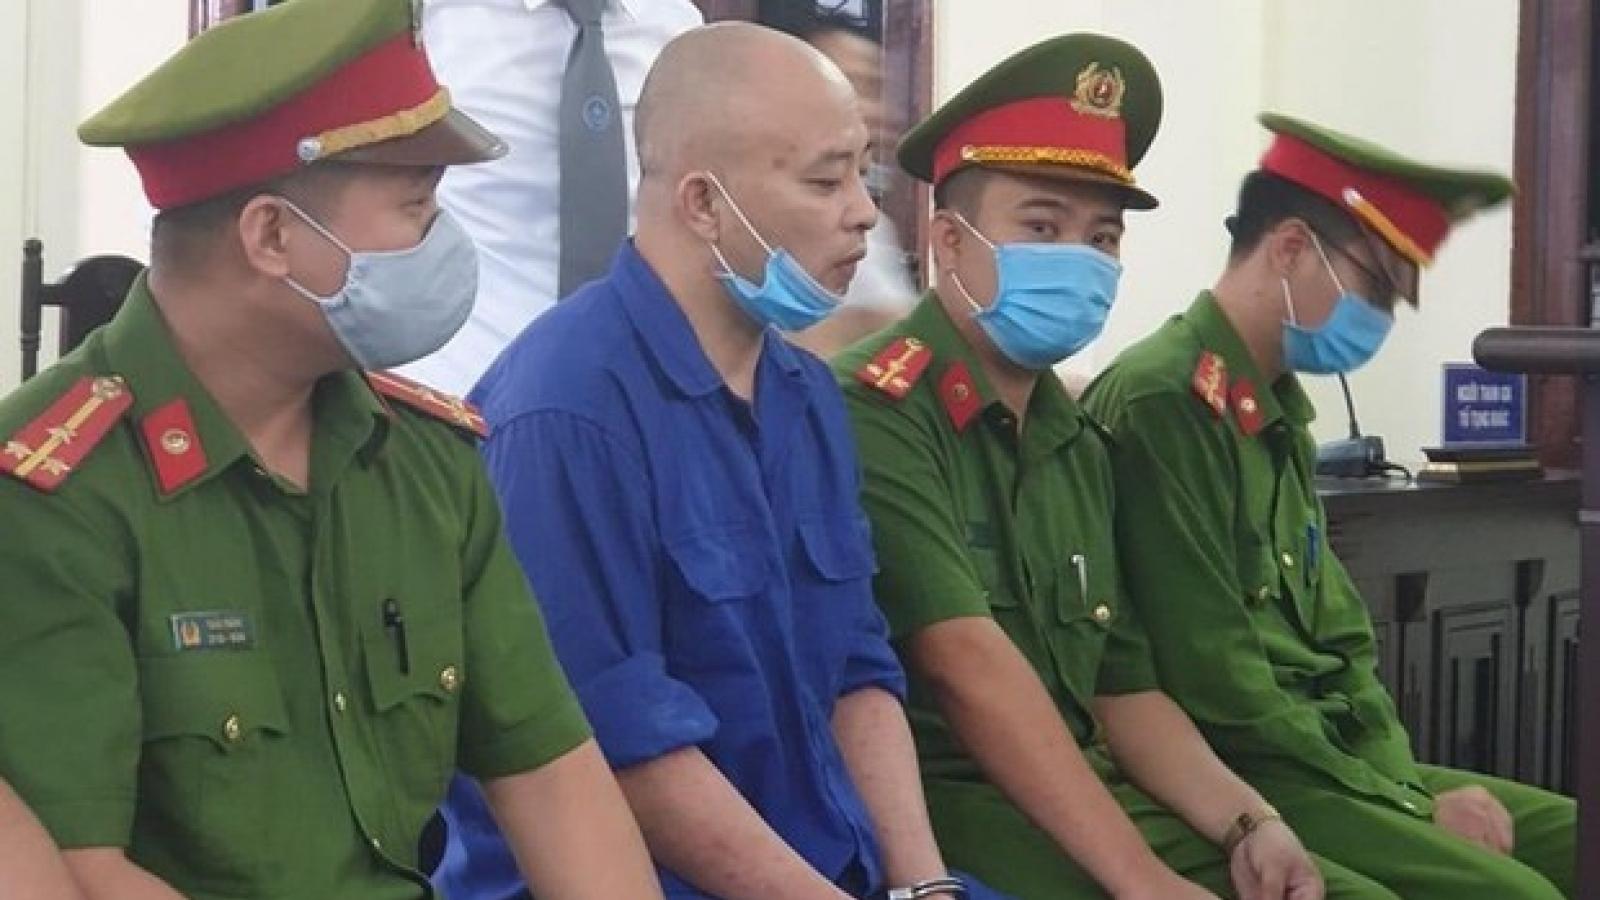 Nóng 24h: Khởi tố vụ Nguyễn Xuân Đường bị tố chiếm công ty Lâm Quyết